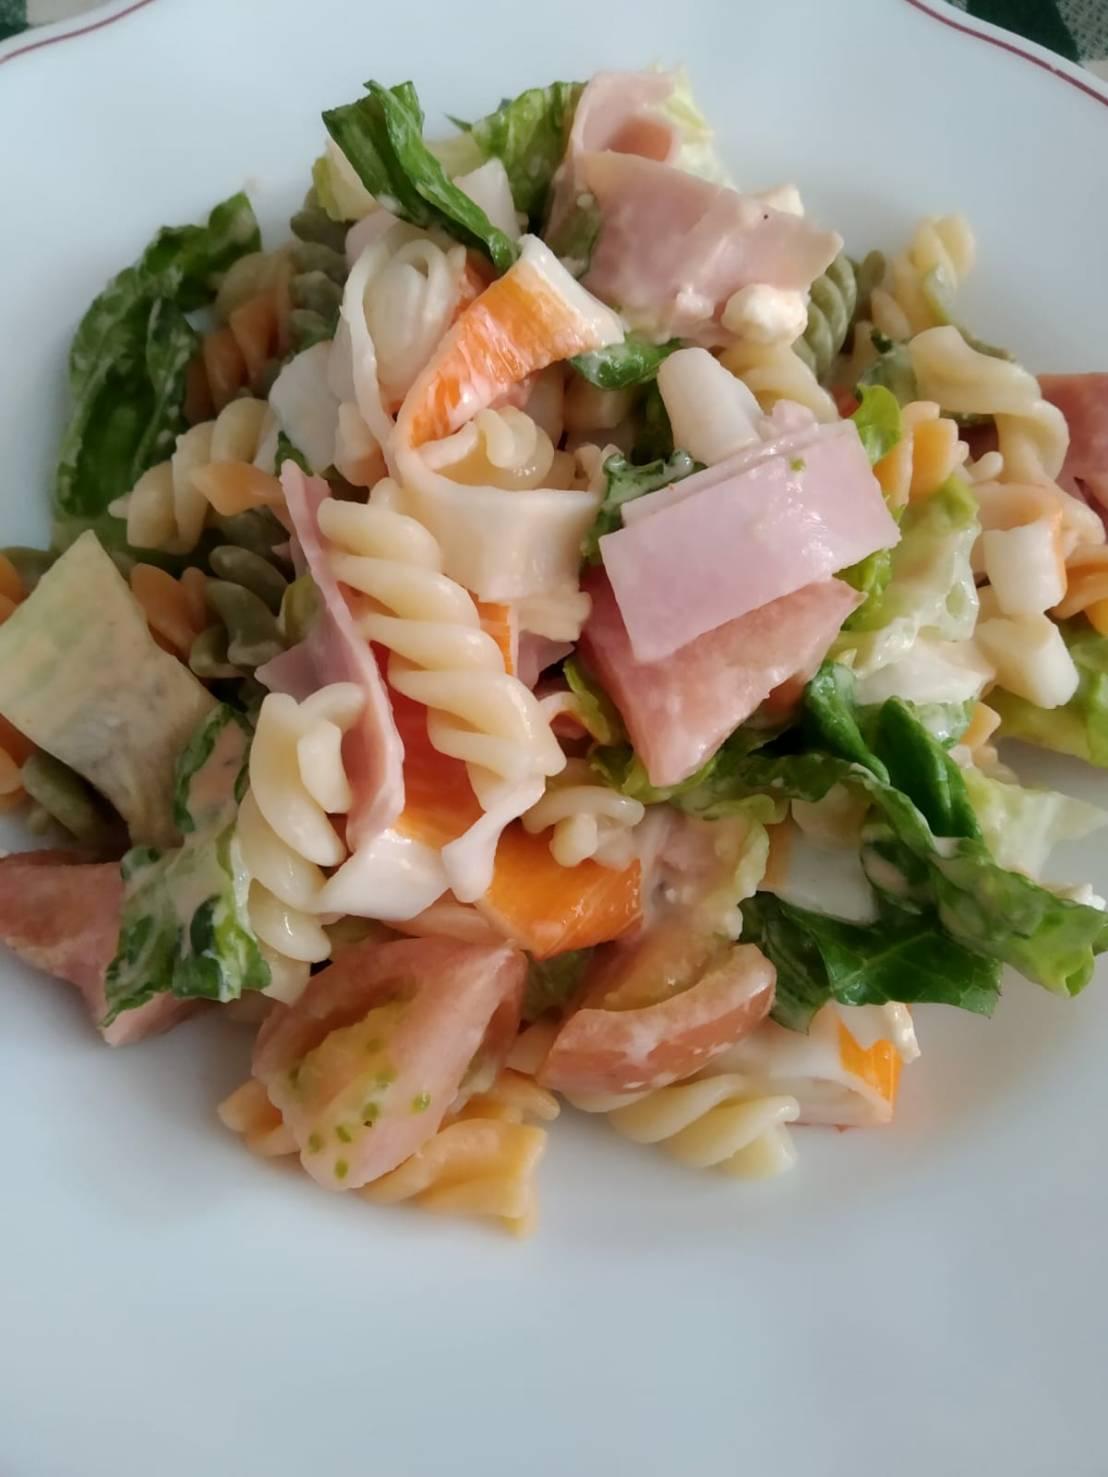 人妻さん日誌:マカロニのサラダを作